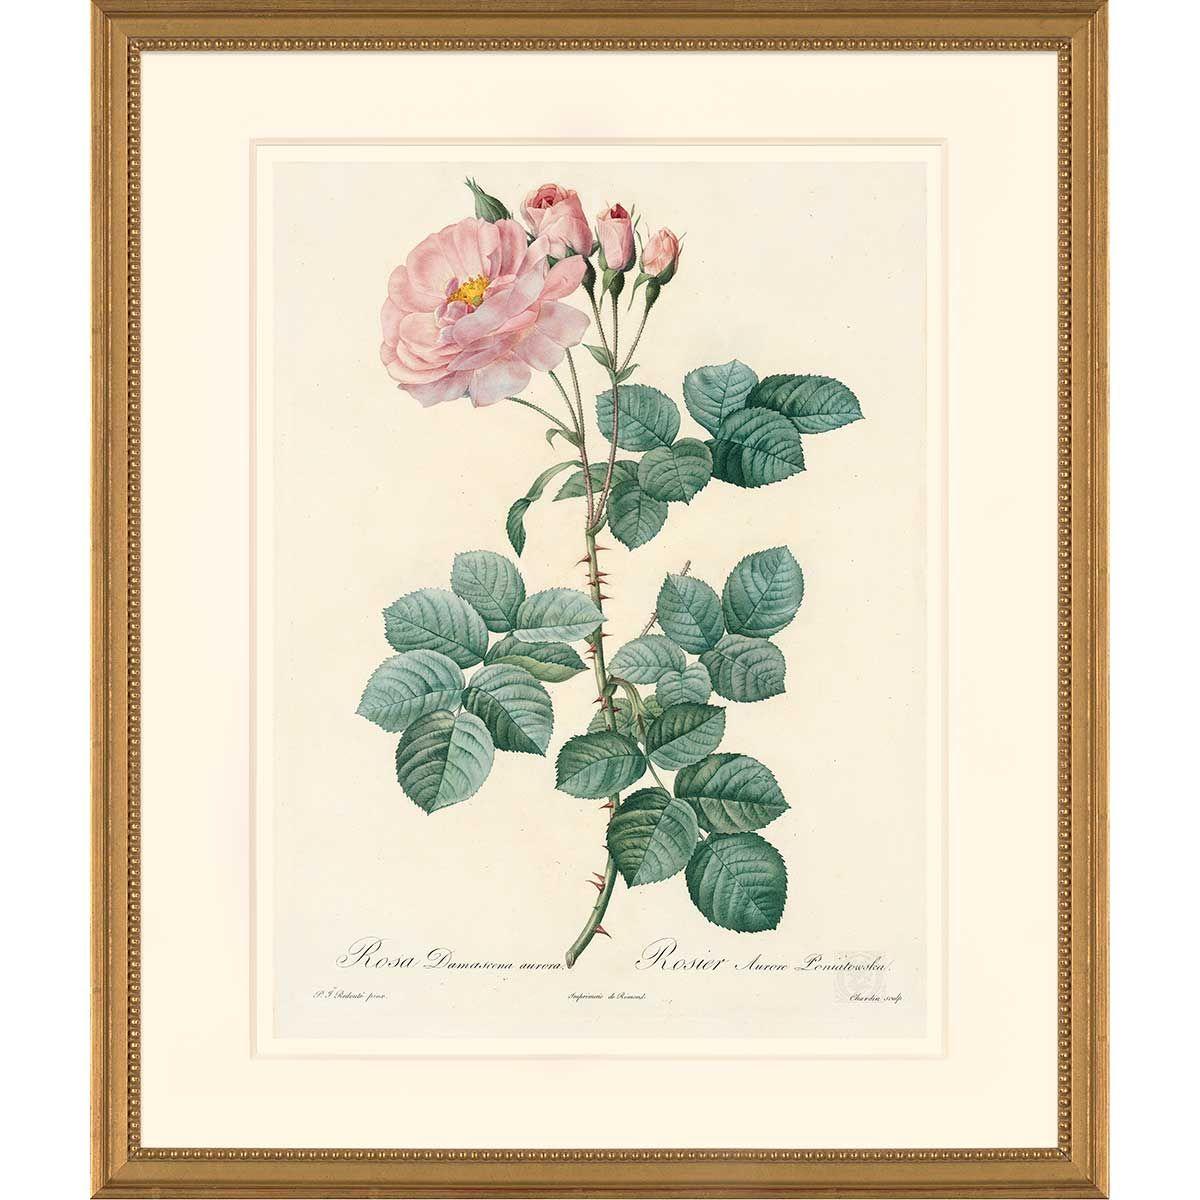 Redoute Oppenheimer Editions Les Roses Pl 75 White Rose Celestial 225 350 Pierre Joseph Redoute Les Roses Antique Botanical Print Botanical Prints Prints